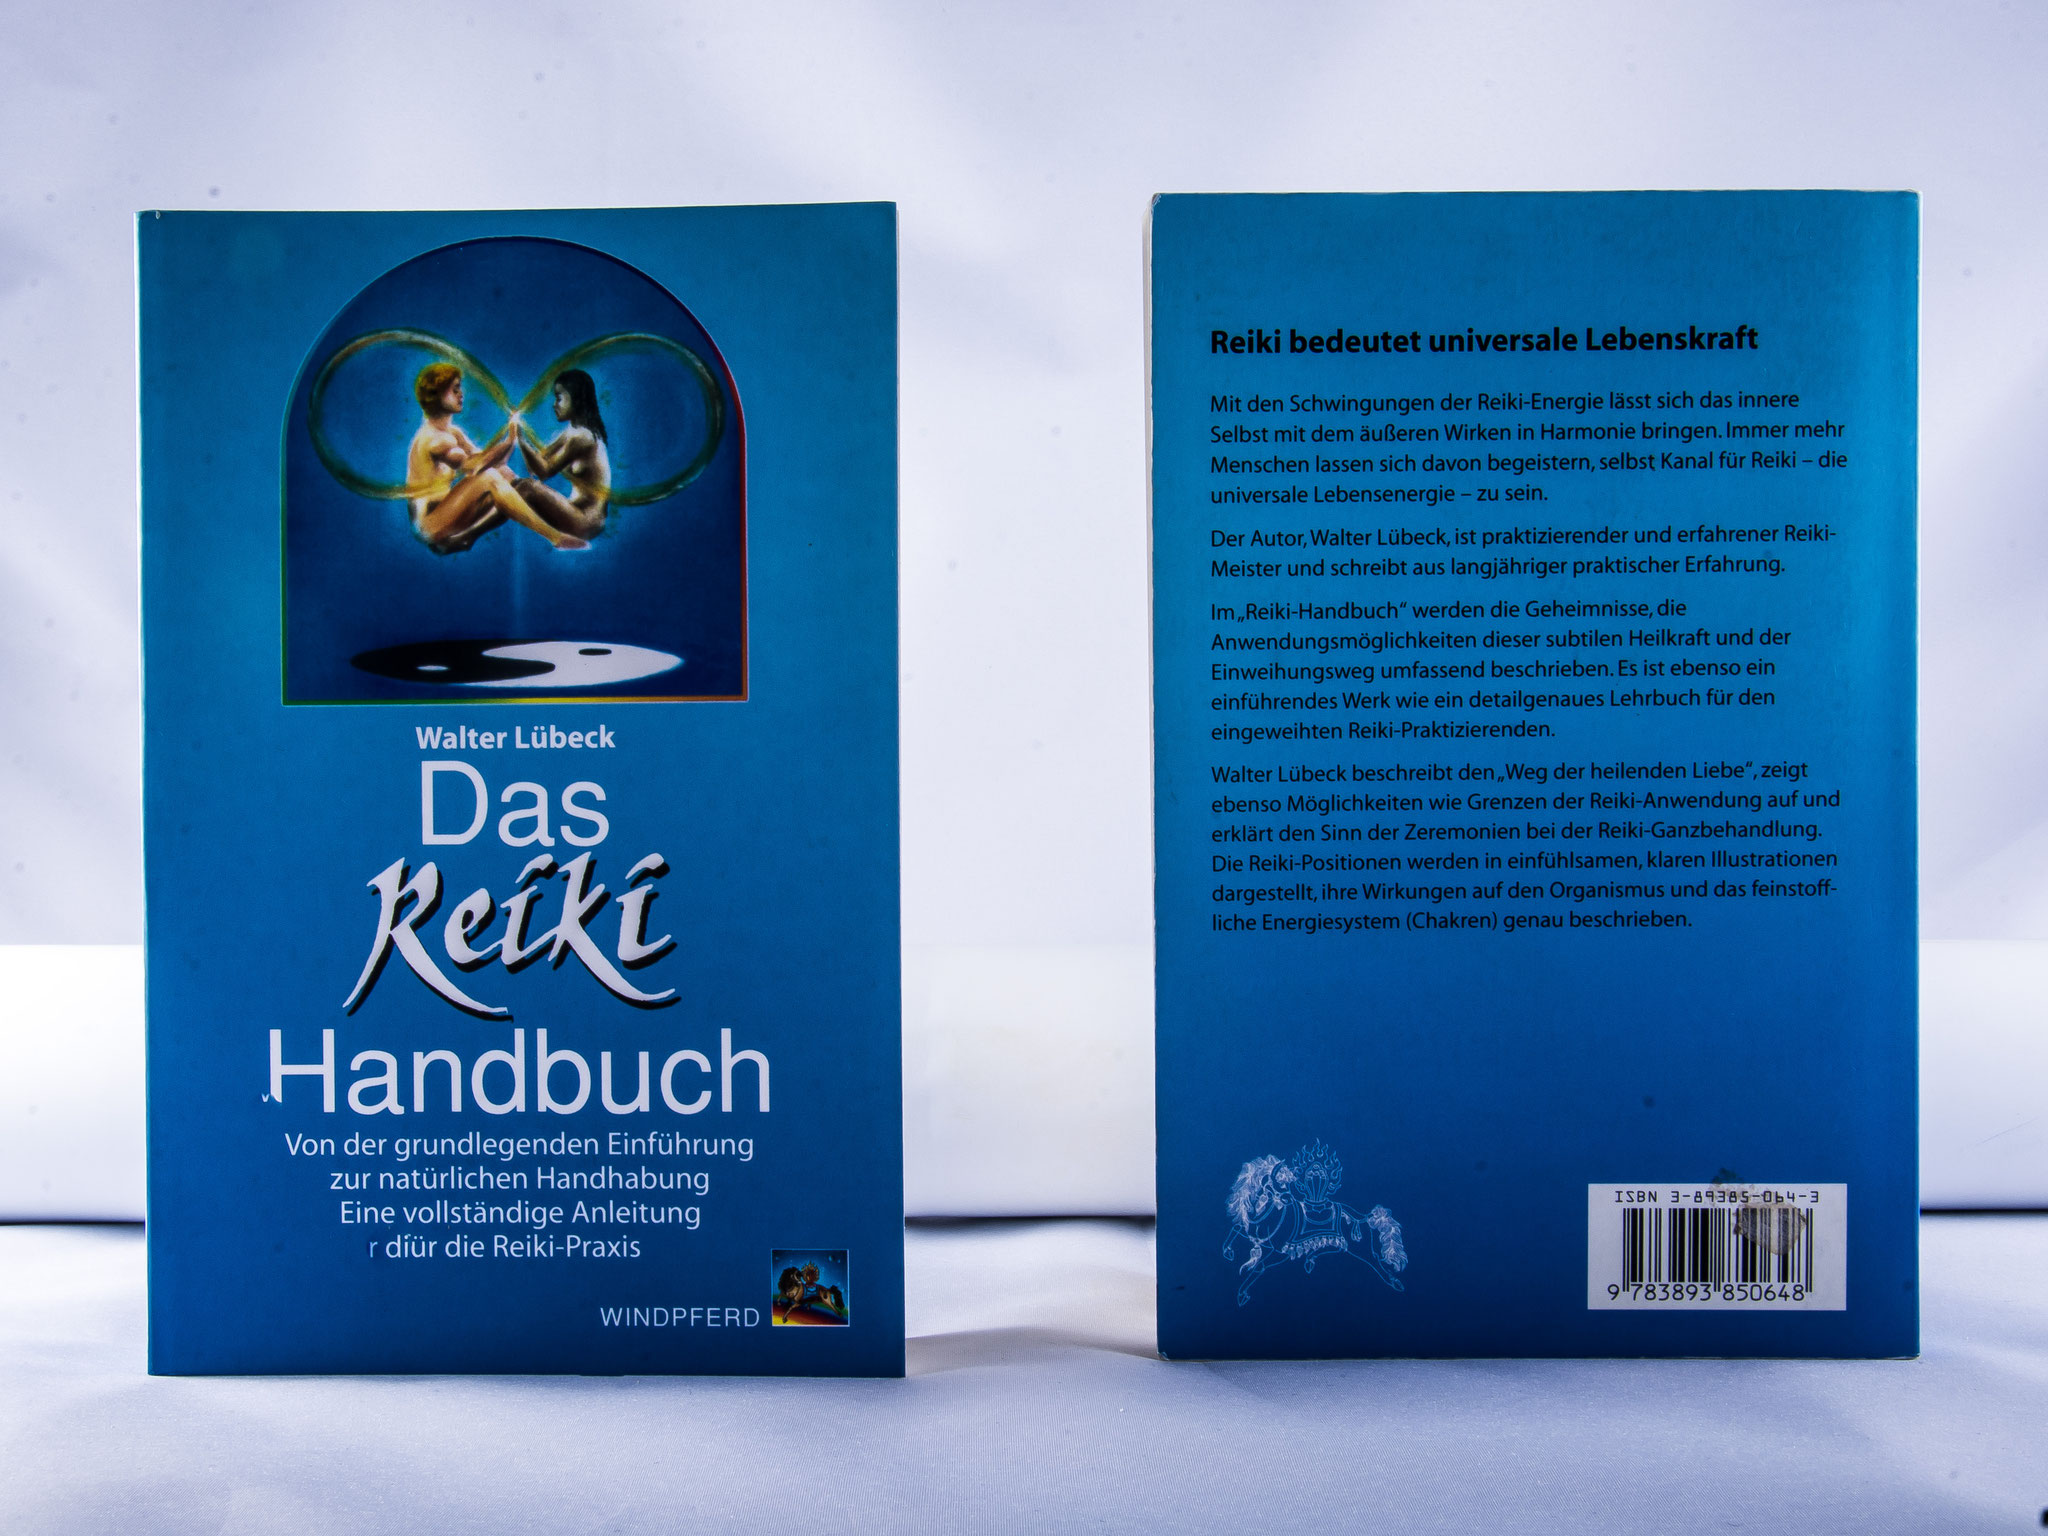 Reiki Handbuch